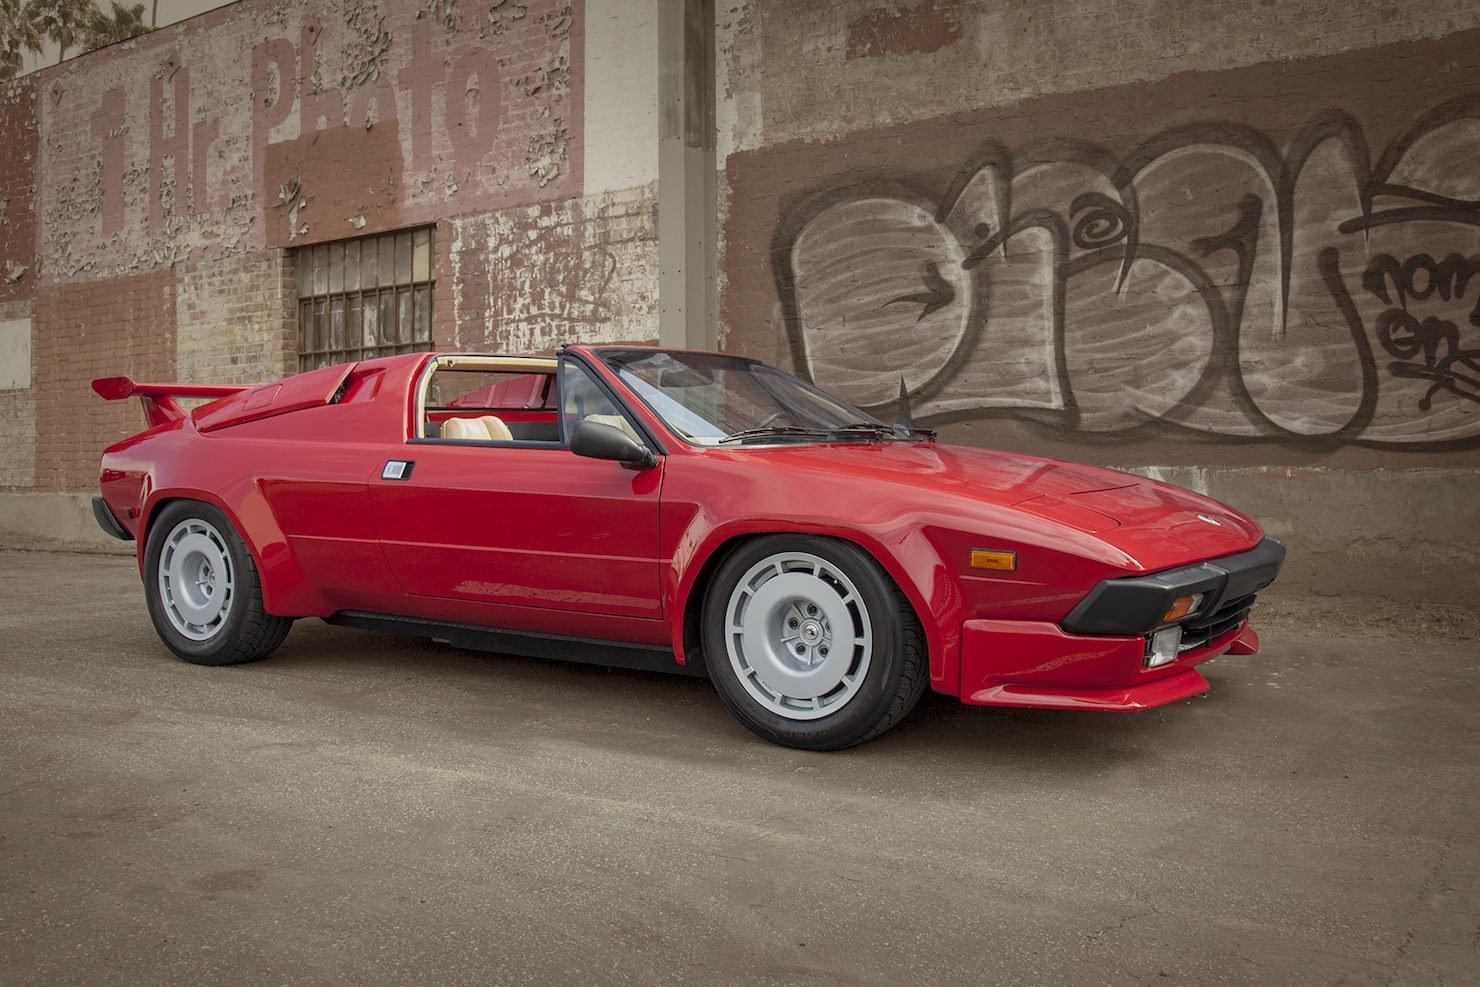 https://silodrome.com/wp-content/uploads/2013/12/1984-Lamborghini-Jalpa-1.jpg